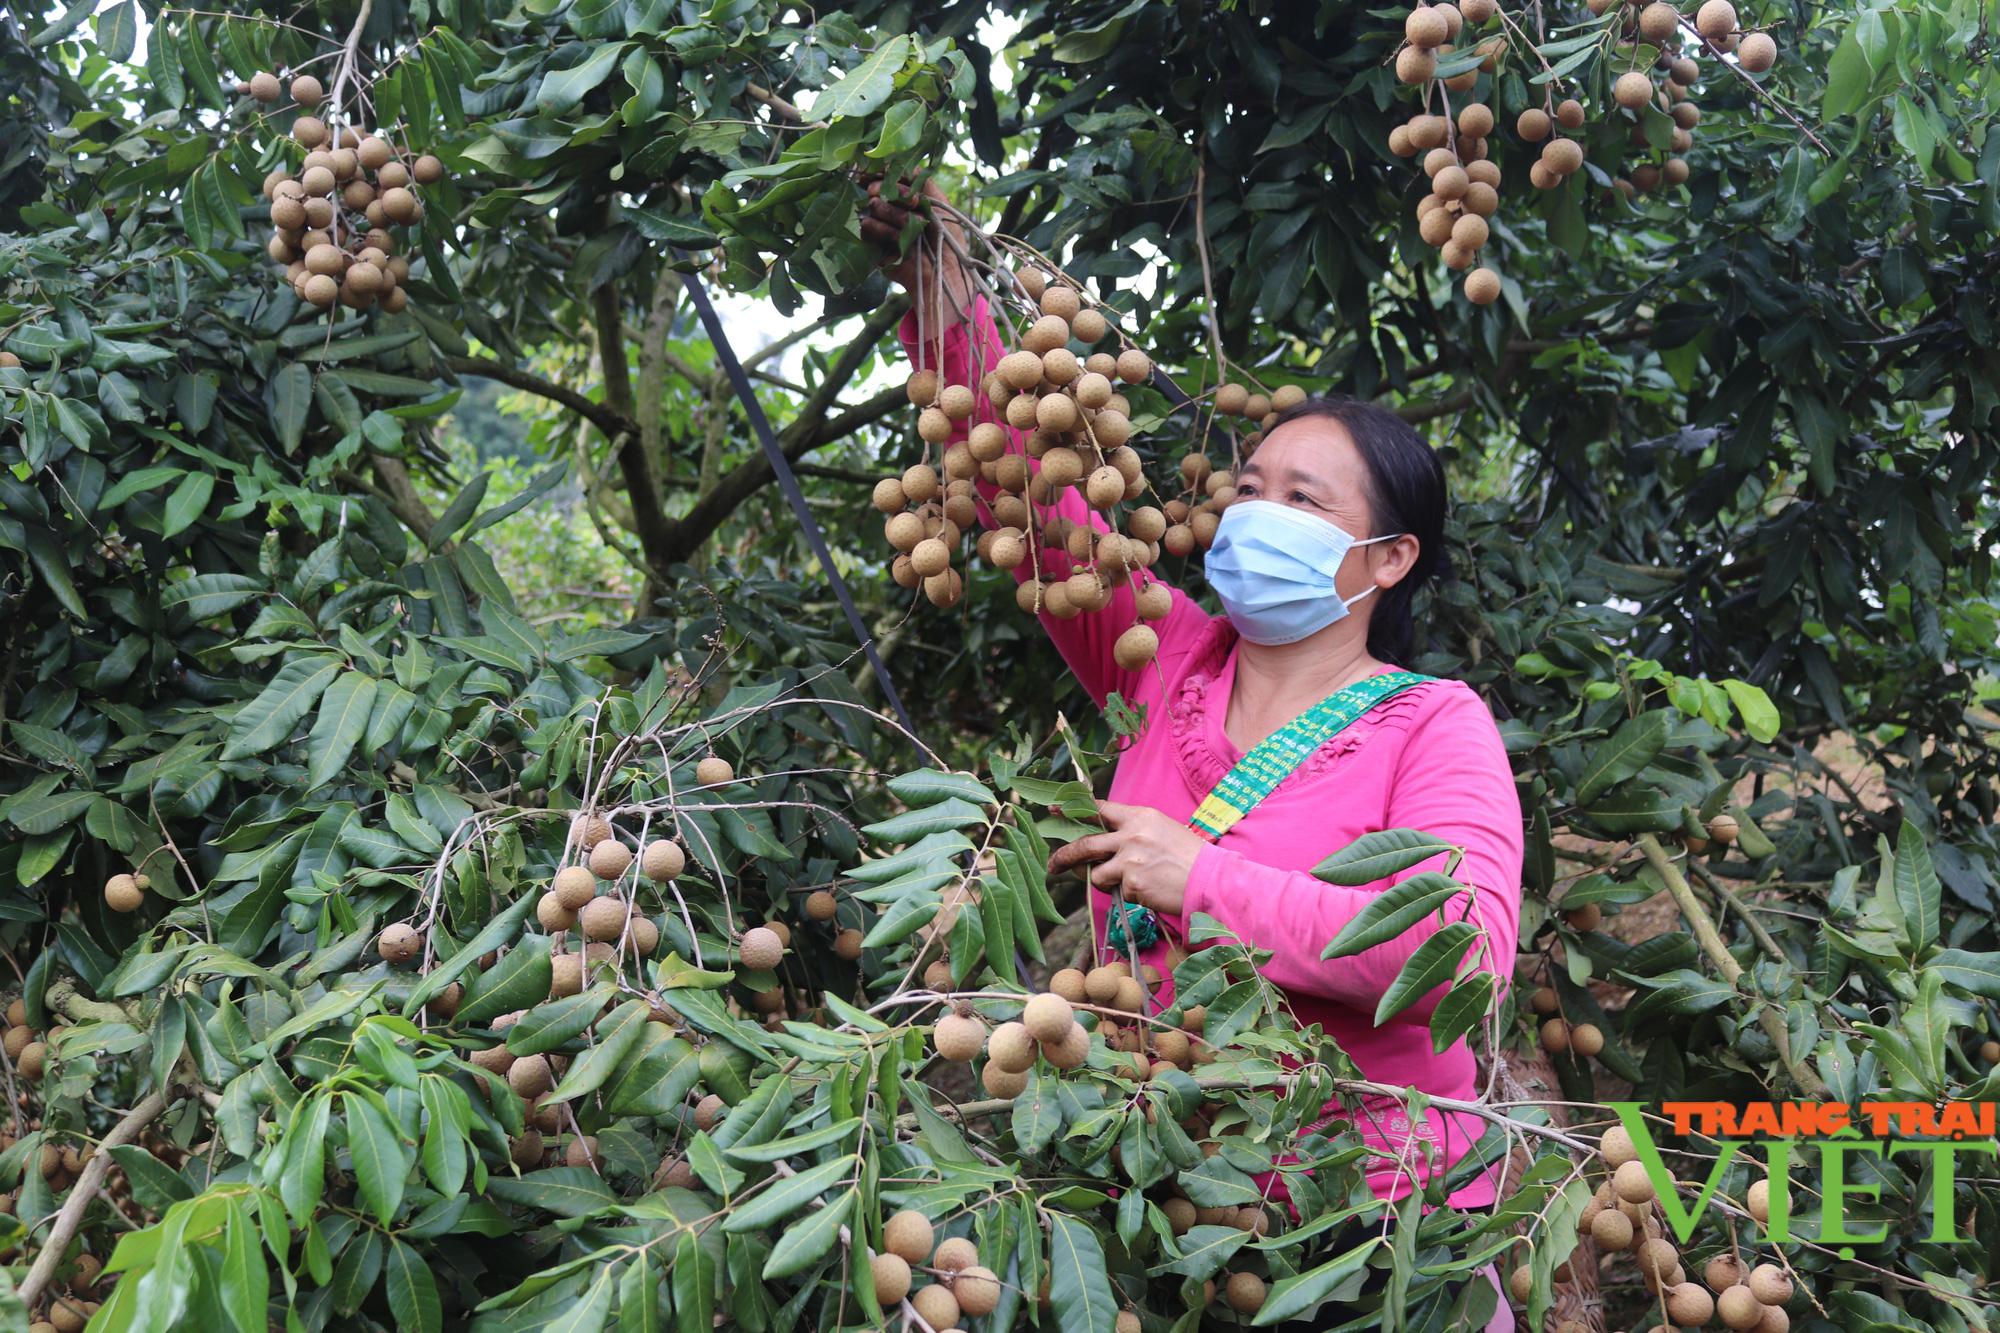 Thu trăm triệu mỗi năm nhờ trồng cây ăn quả kết hợp chăn nuôi - Ảnh 1.